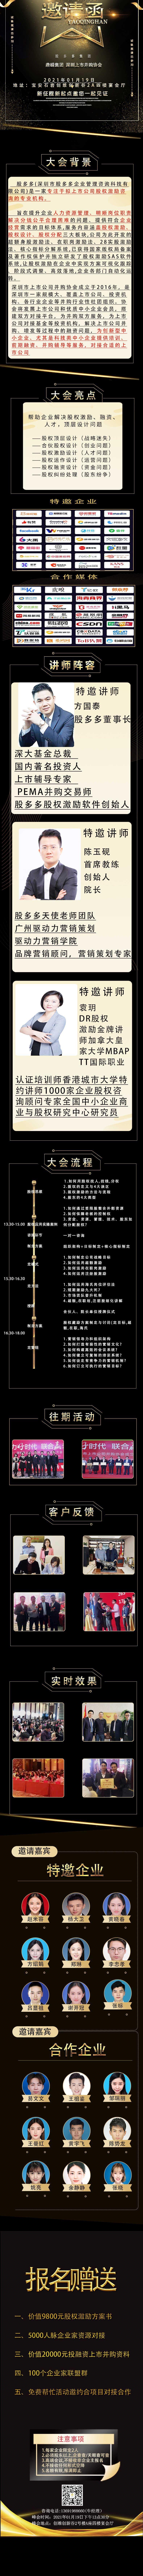 1月19日峰会黑色 (2).jpg